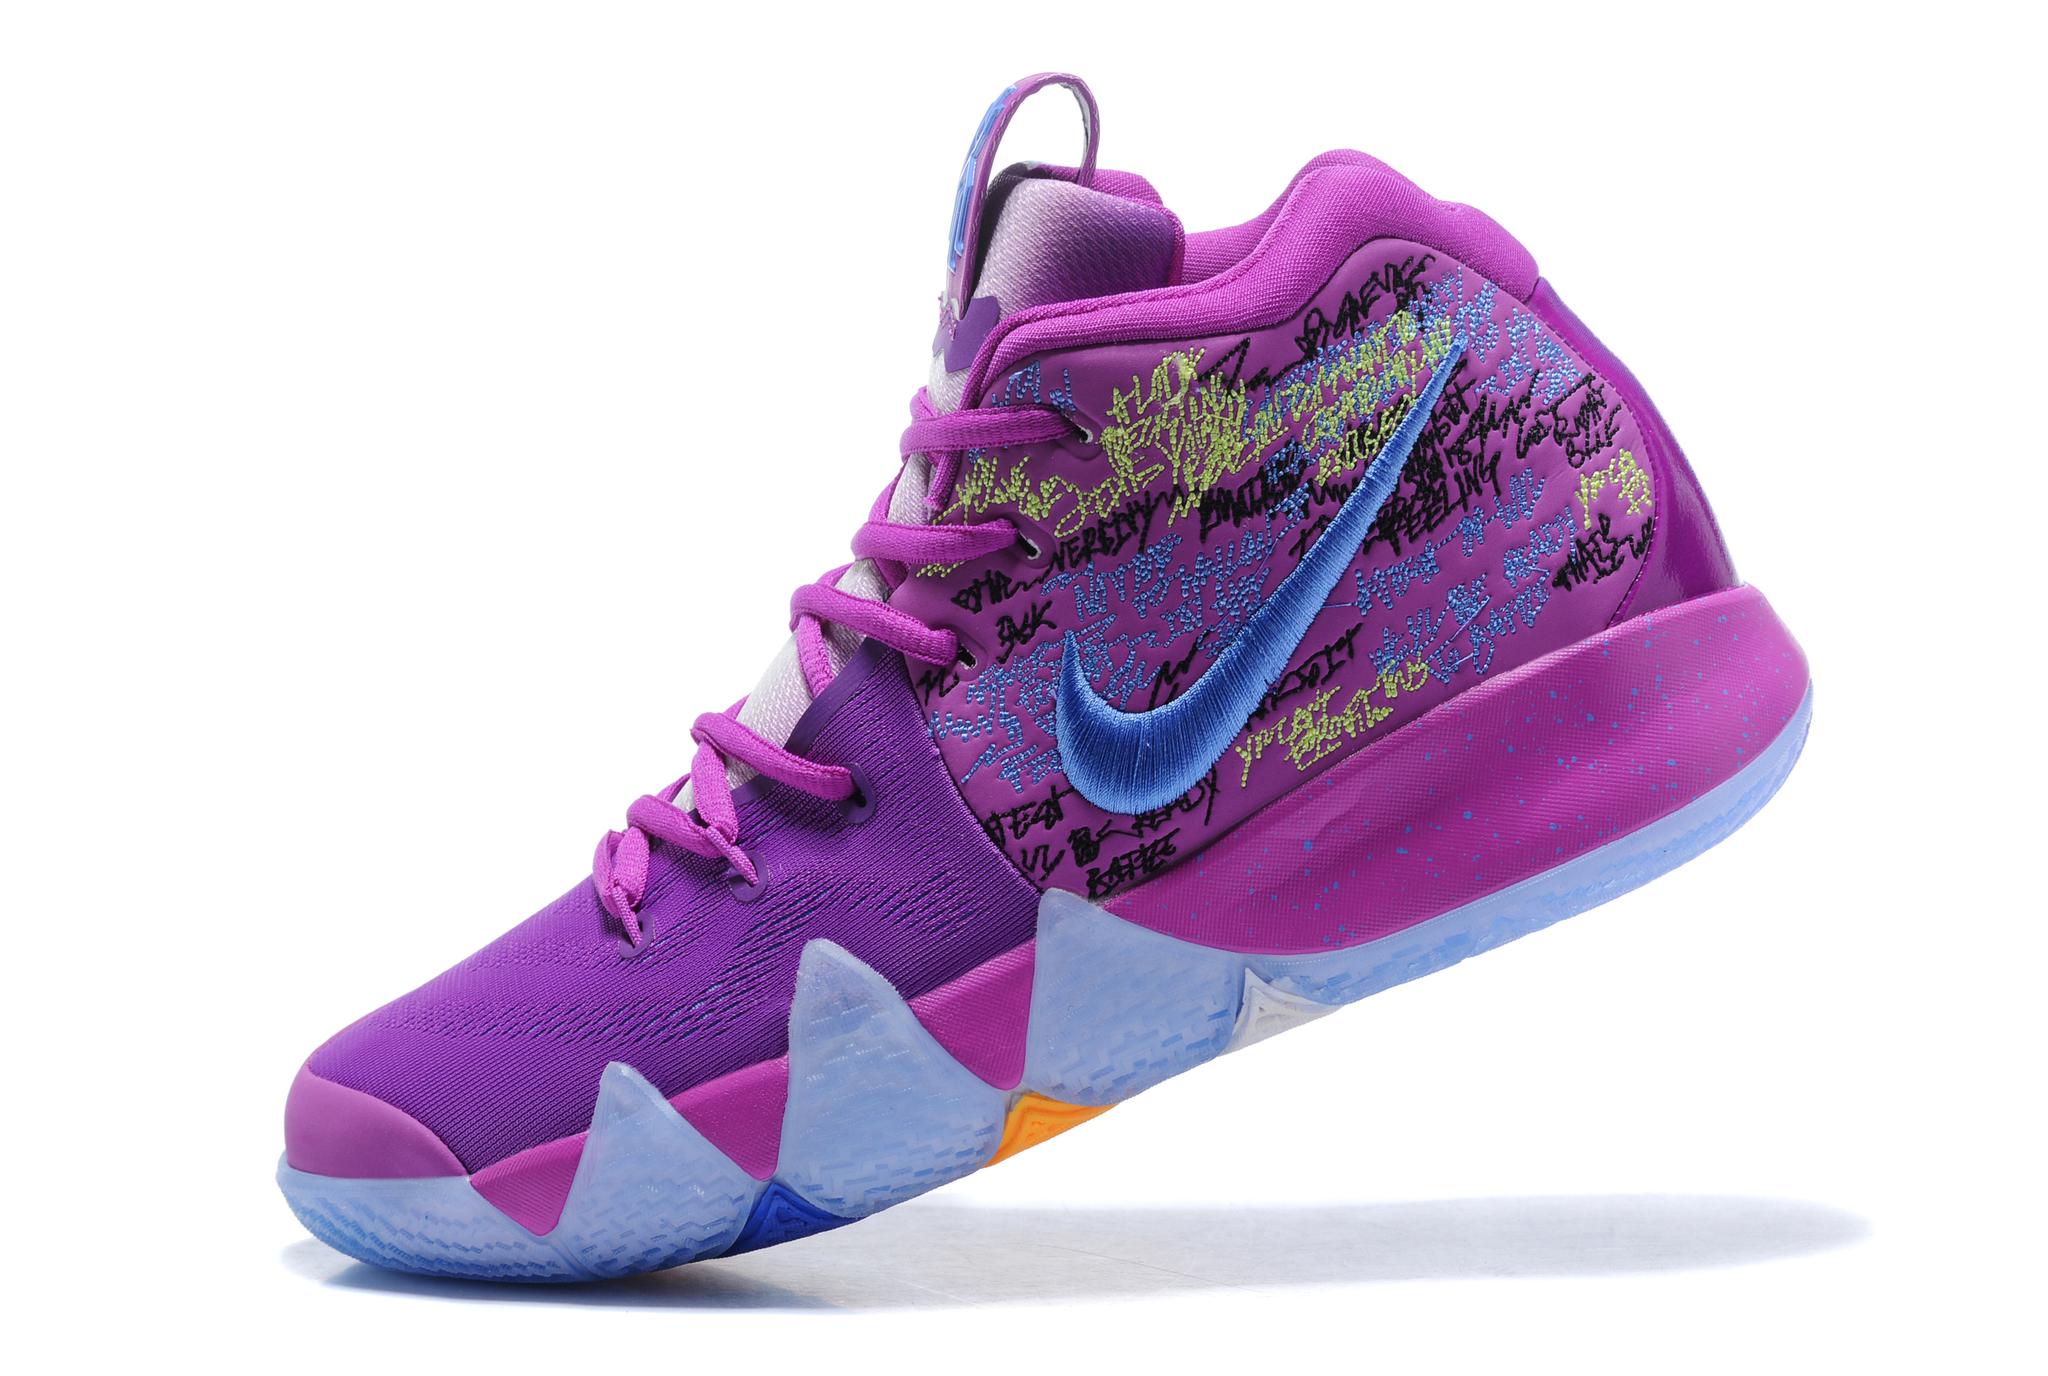 Кроссовки баскетбольные Nike Kyrie 4  Confetti  вы можете купить с ... fddc5e08ab4